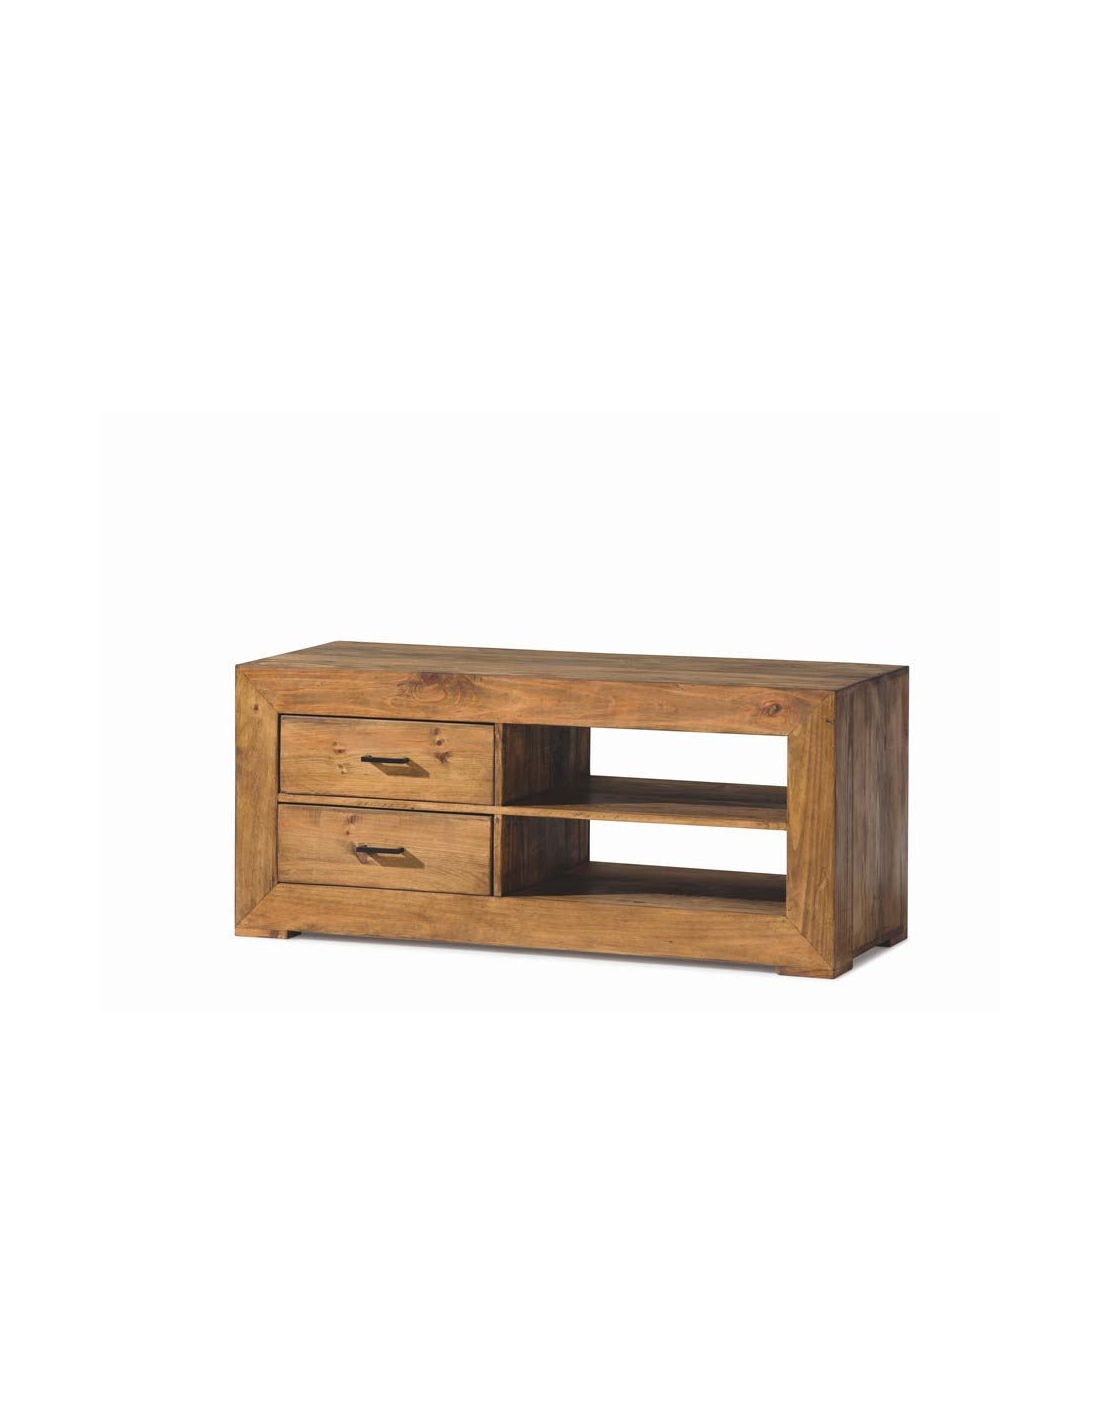 Comprar mueble tv de madera en estilo rustico con dos for Muebles estilo rustico